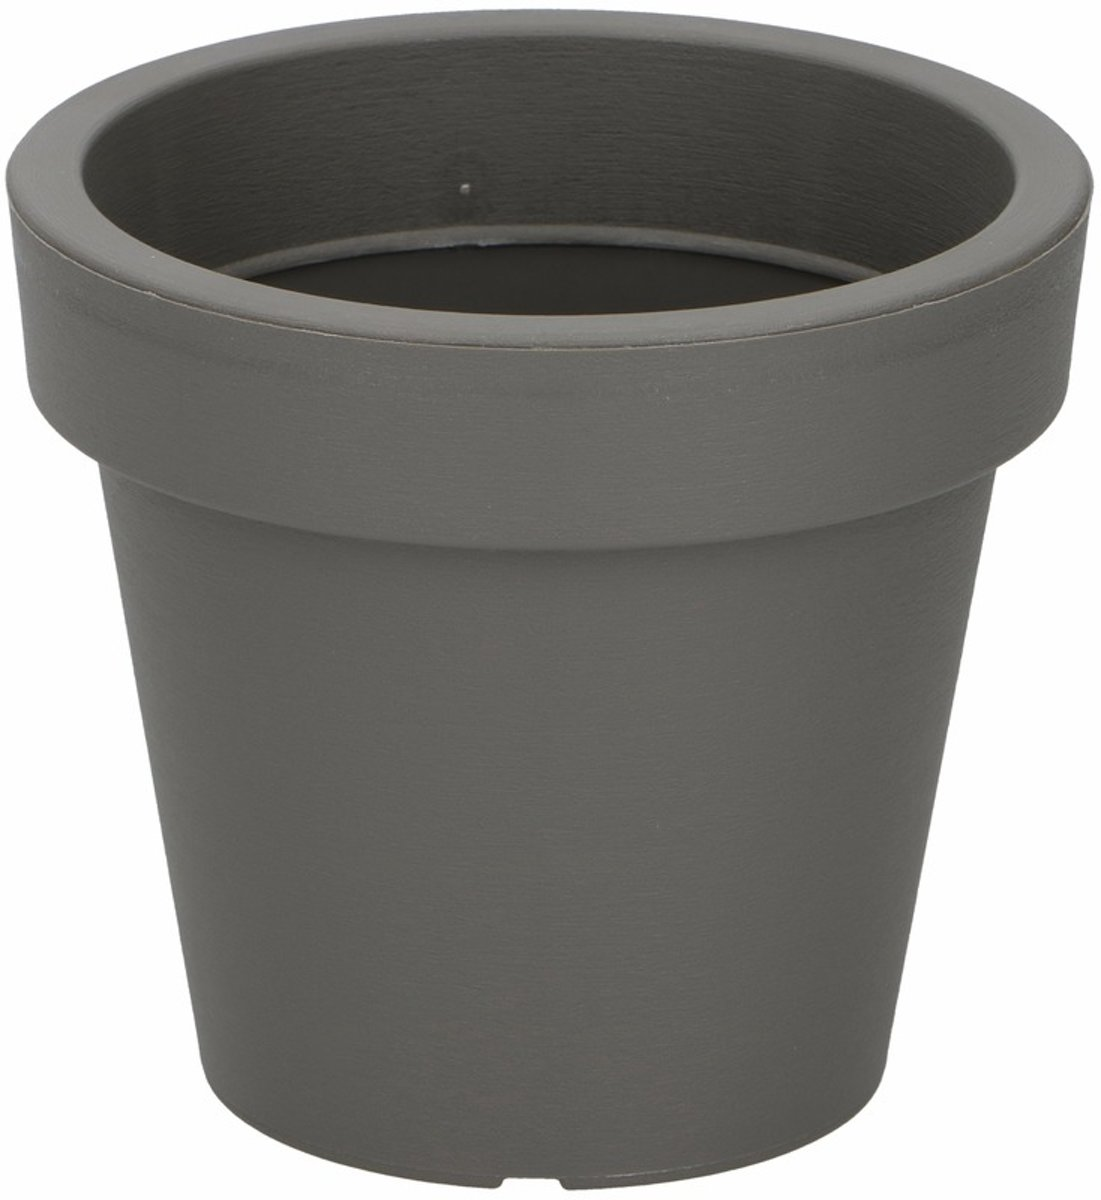 Kunststof bloempot grijs 13 cm kopen